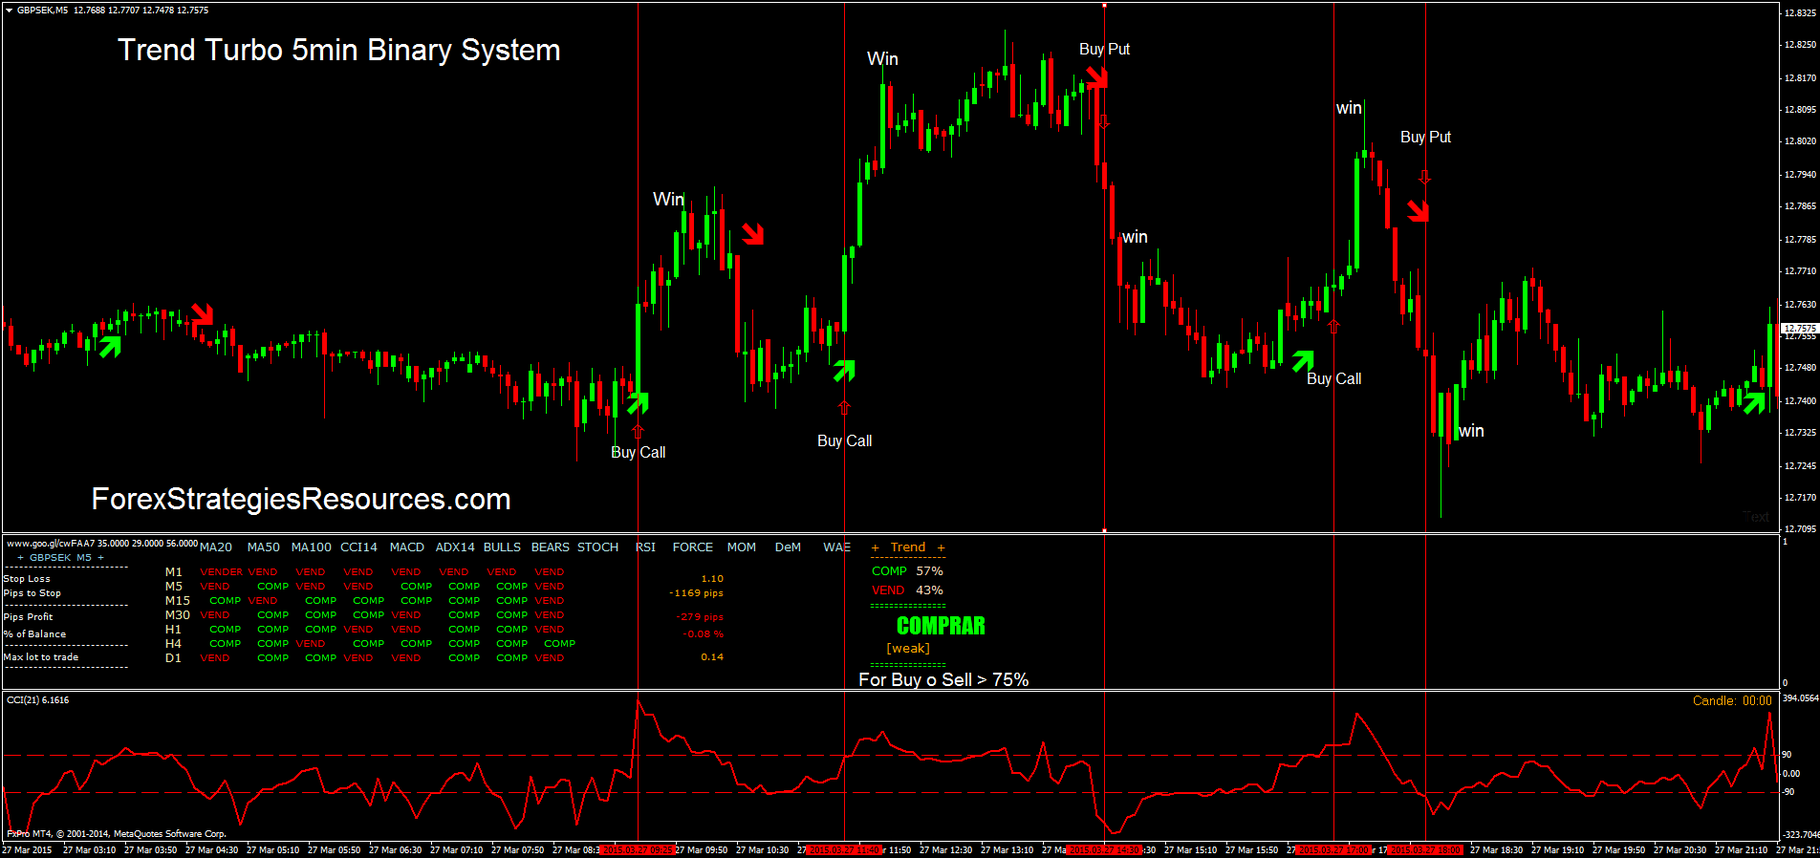 indicatori și strategii pentru opțiunile turbo câștigurile freebitcoin